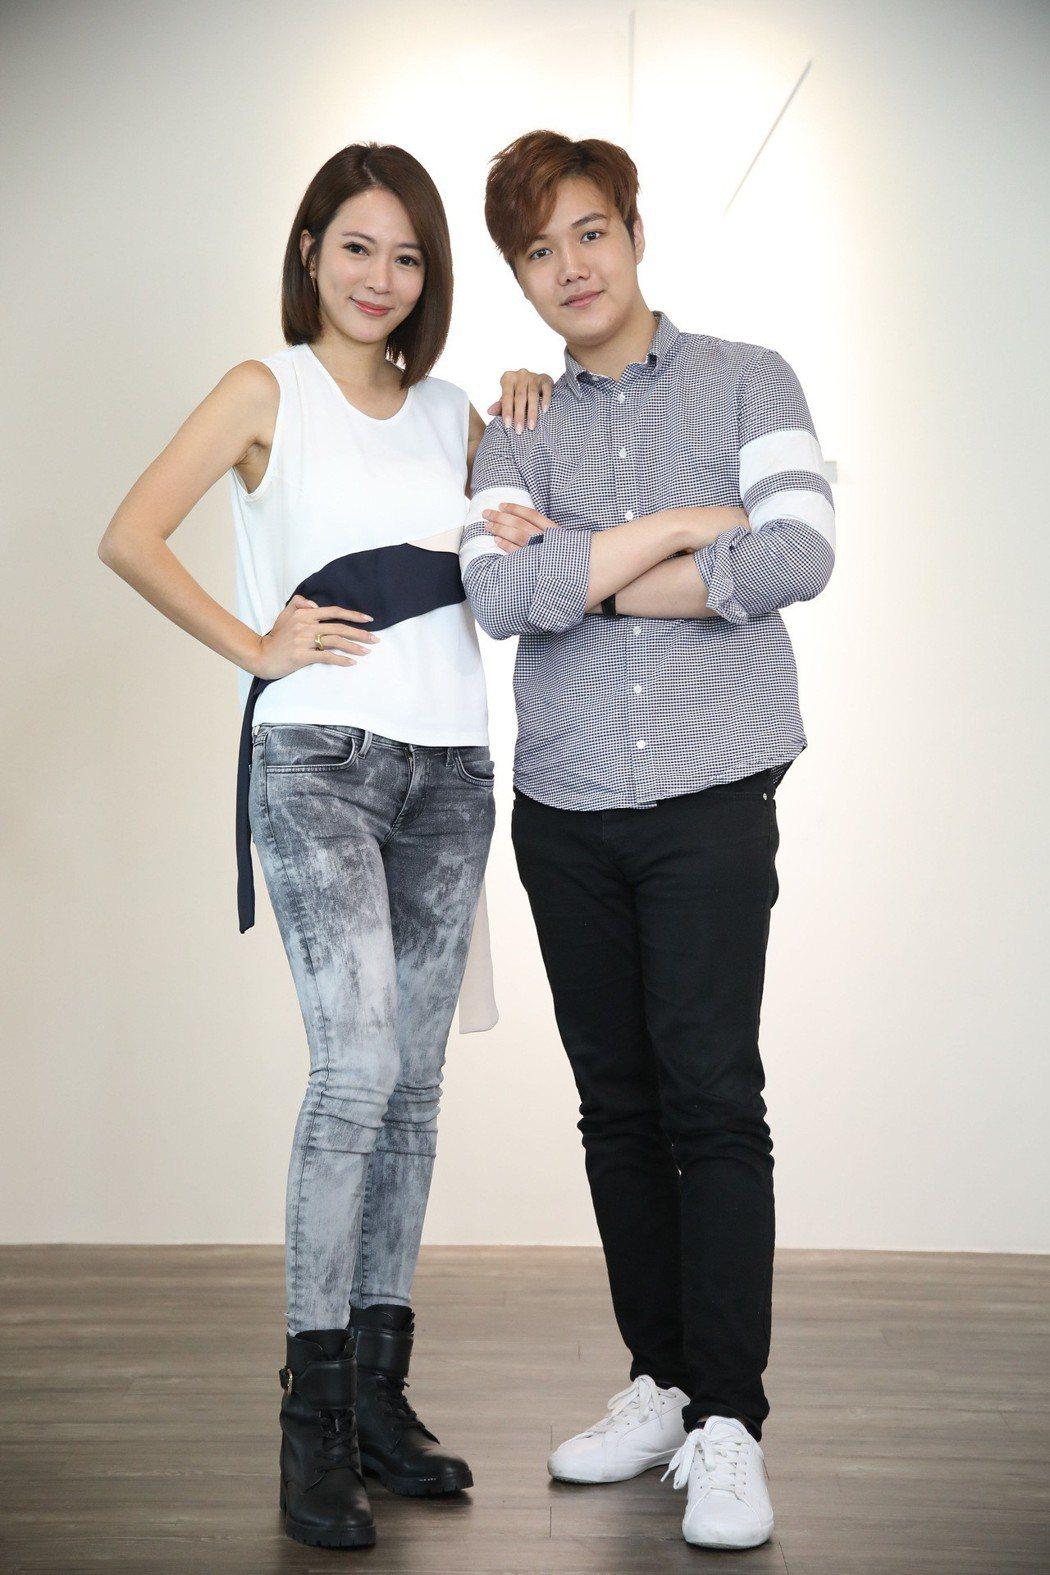 高宇蓁(左)向麥克風小天王蘇友謙討教招財秘笈。圖/友恆國際提供